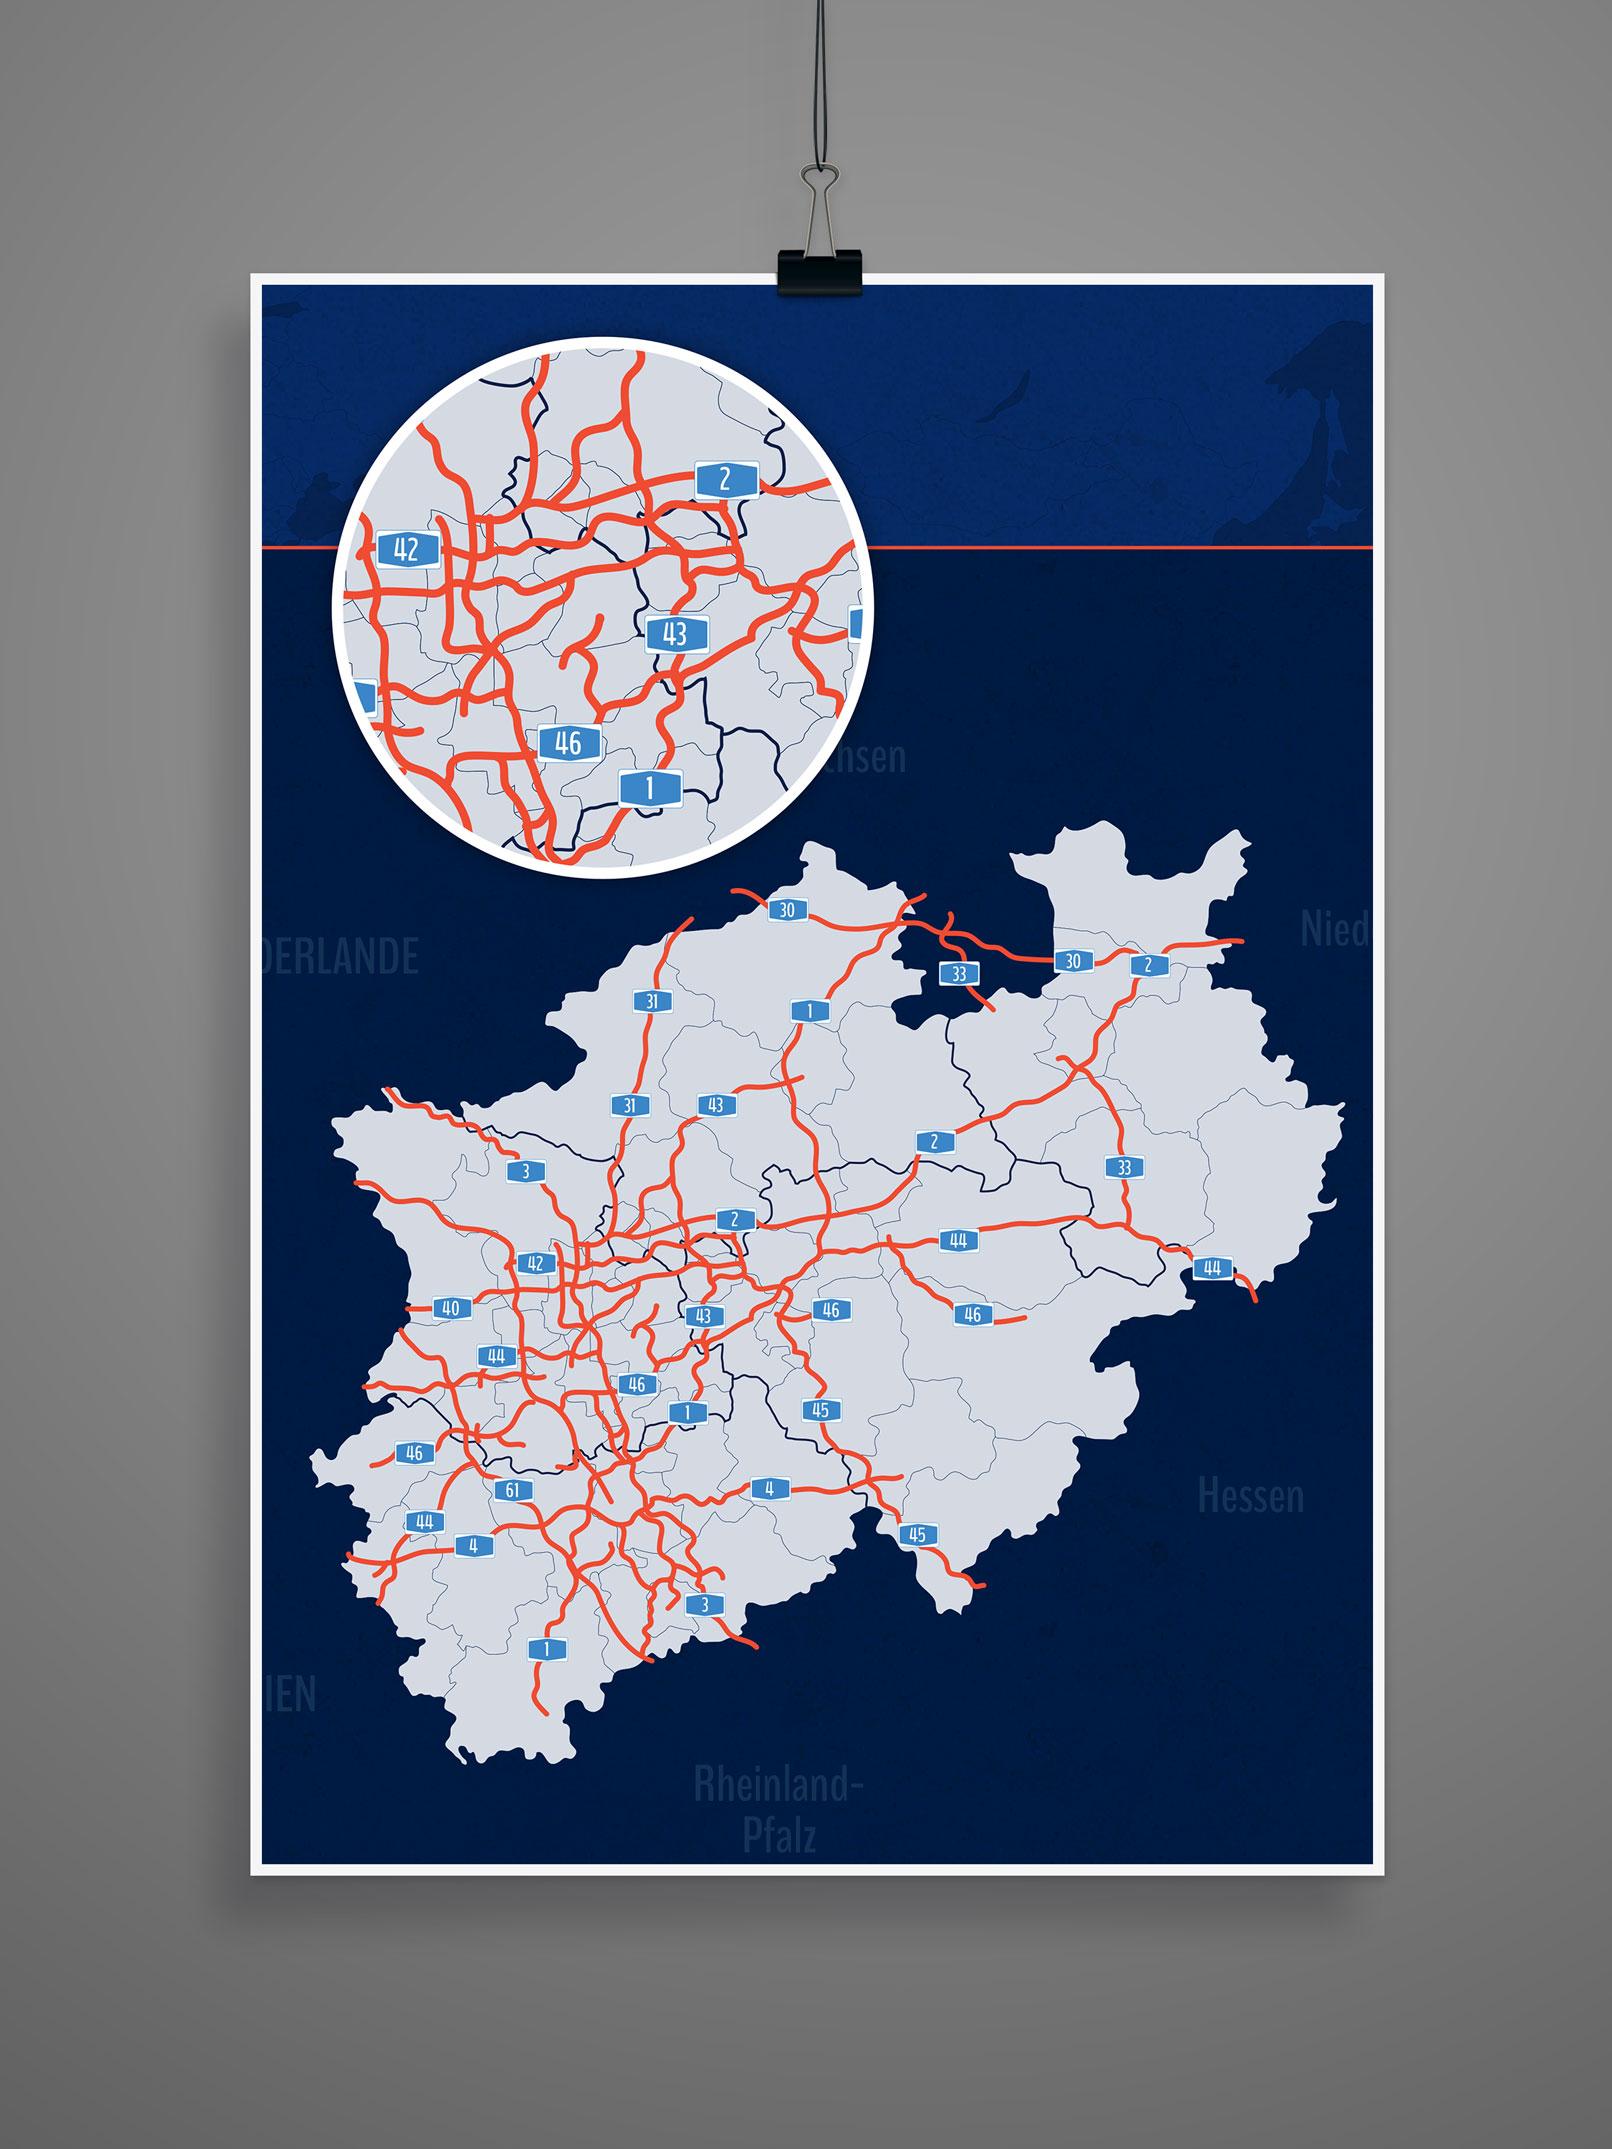 Landkarte von Nordrhein-Westfalen mit allen Landkreisen, kreisfreien Städten, inklusive Autobahnen